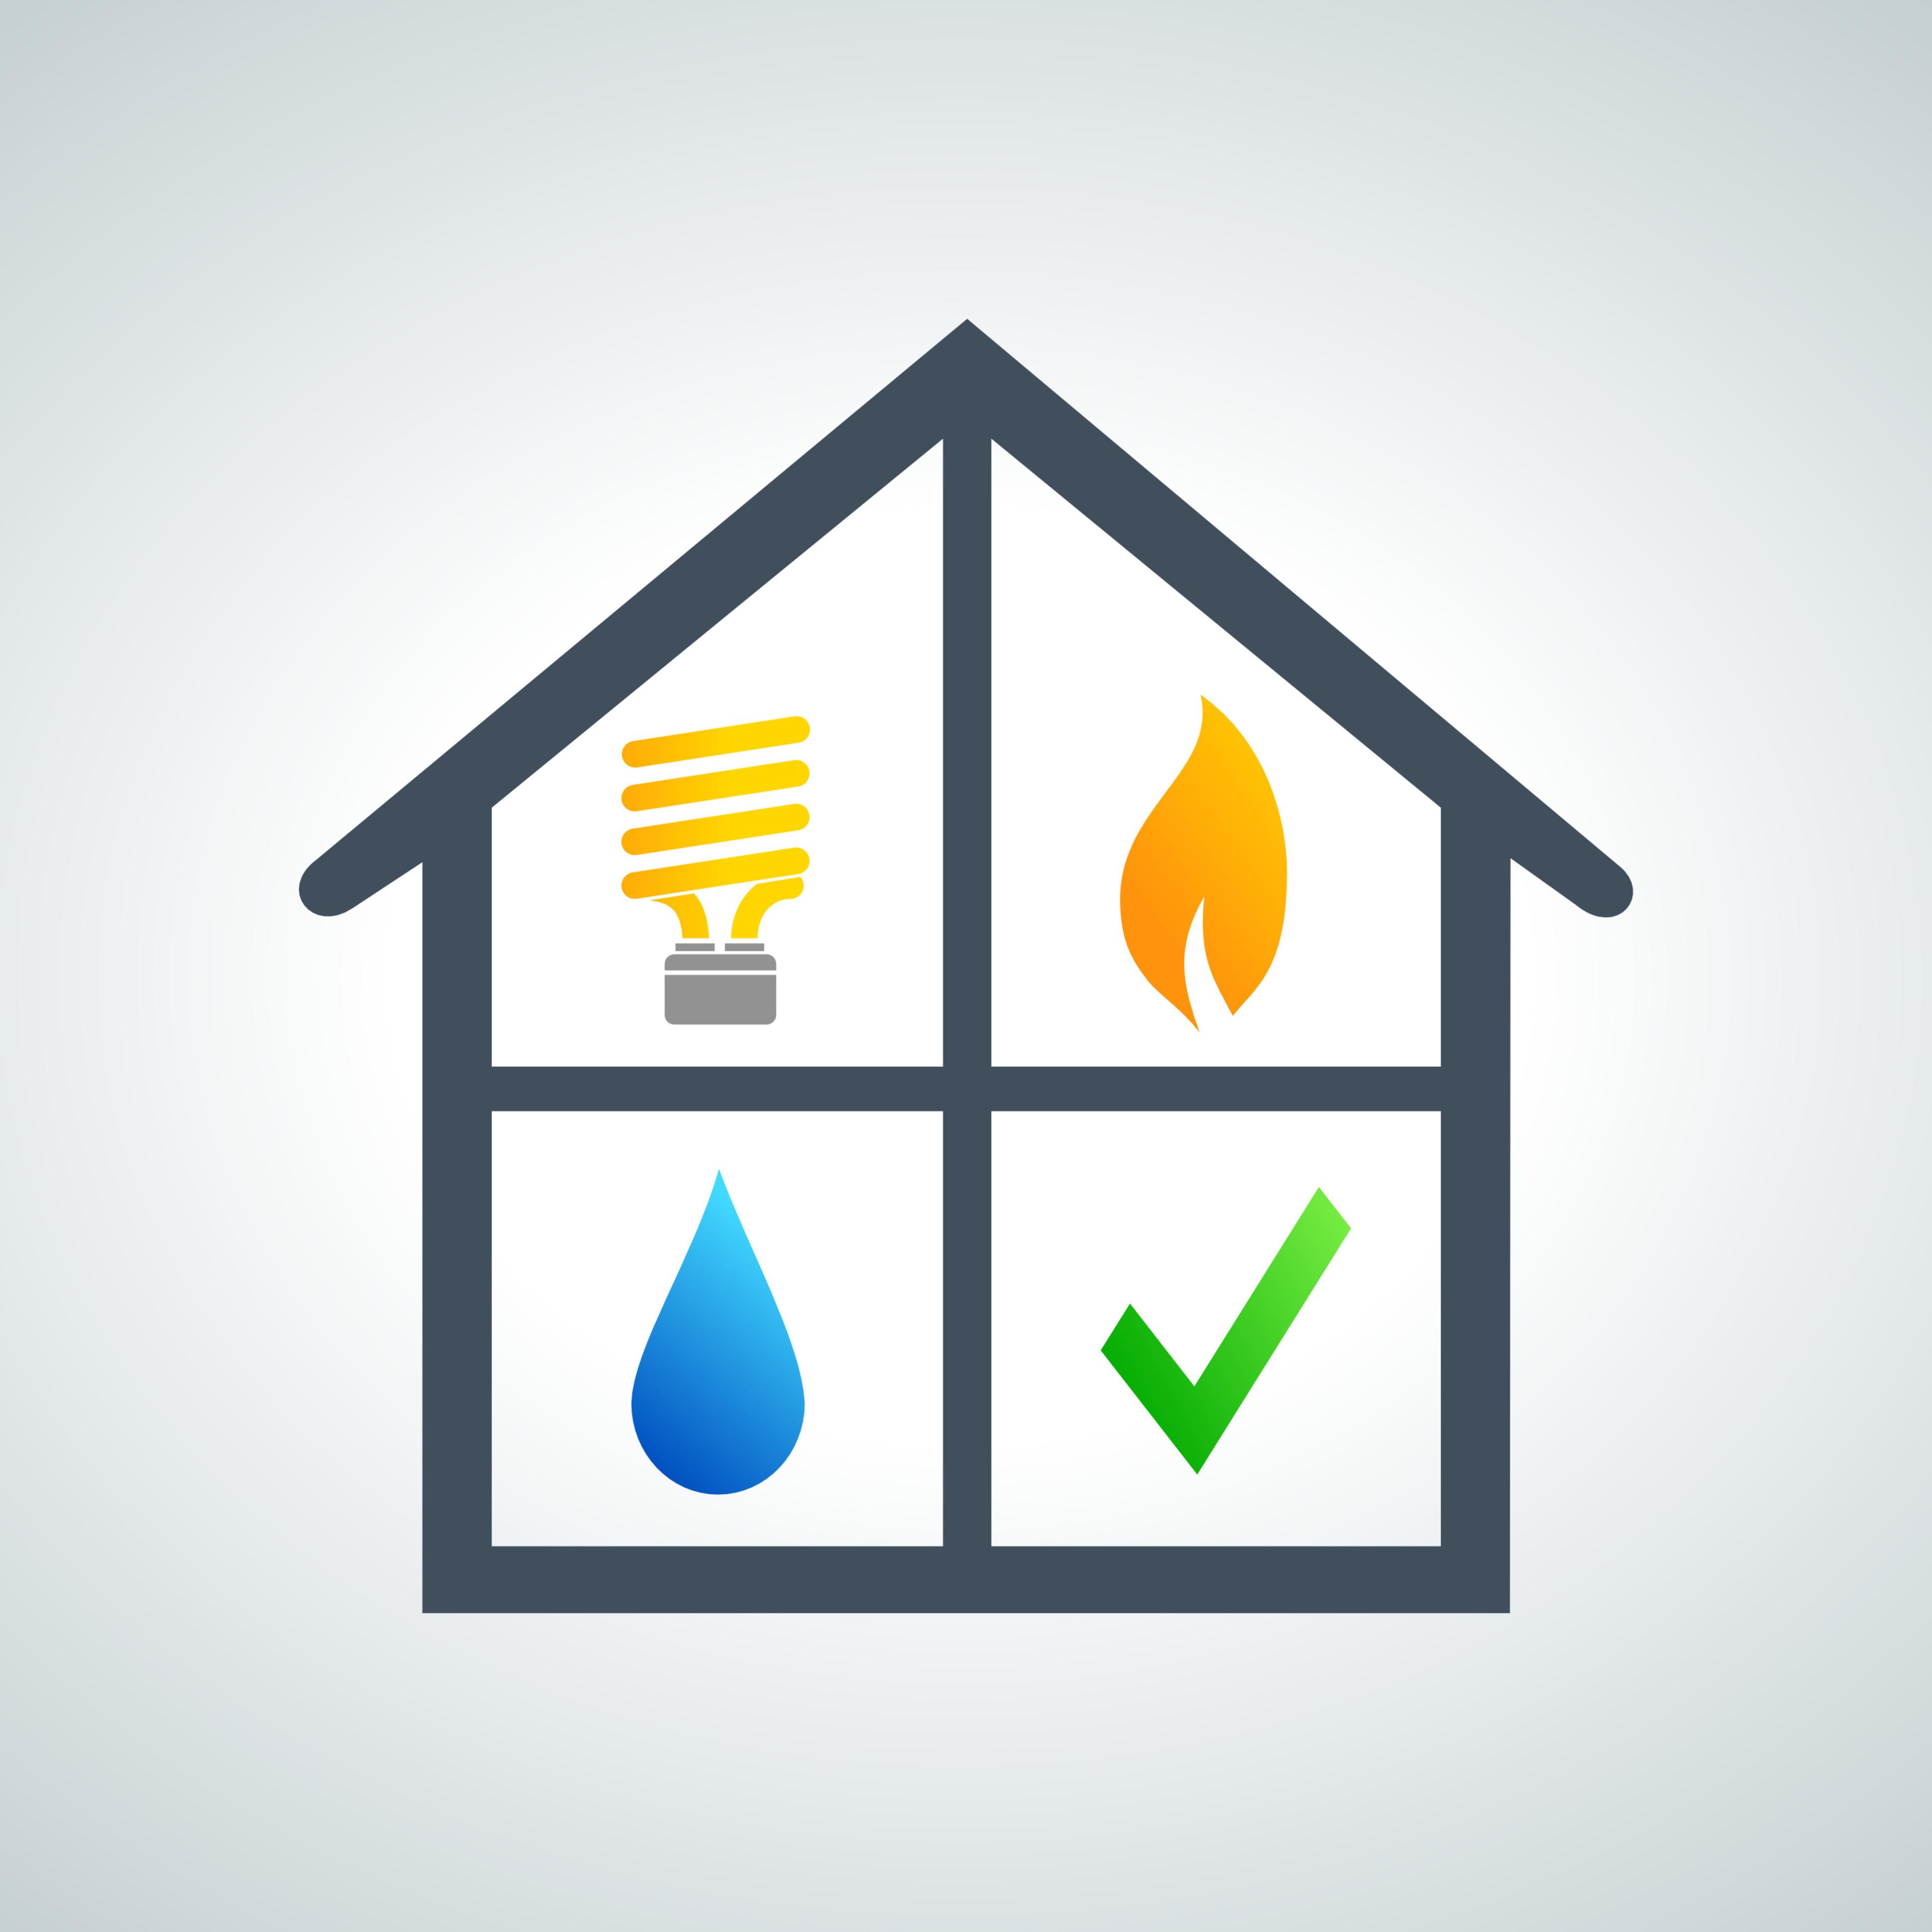 Pour optimiser les consommations d'énergie, trois leviers à activer